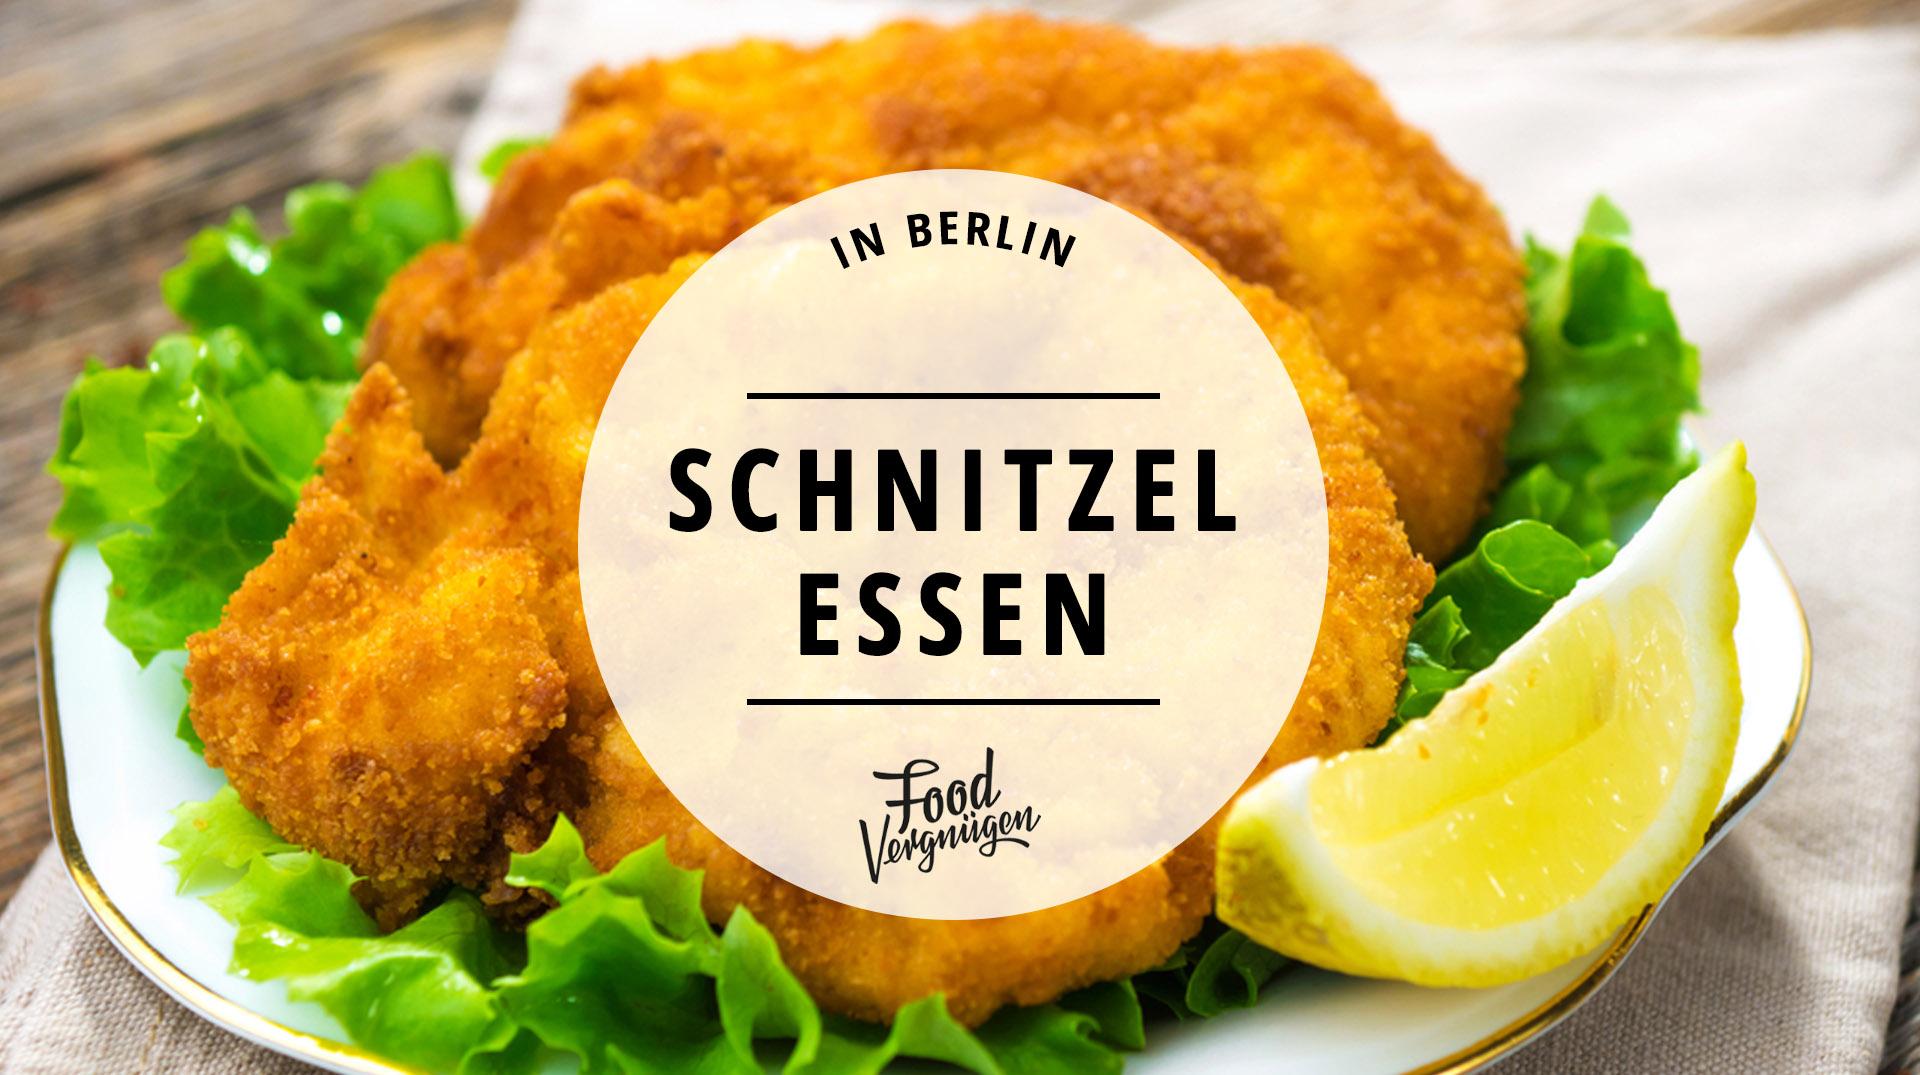 die 11 besten schnitzel restaurants in berlin mit. Black Bedroom Furniture Sets. Home Design Ideas